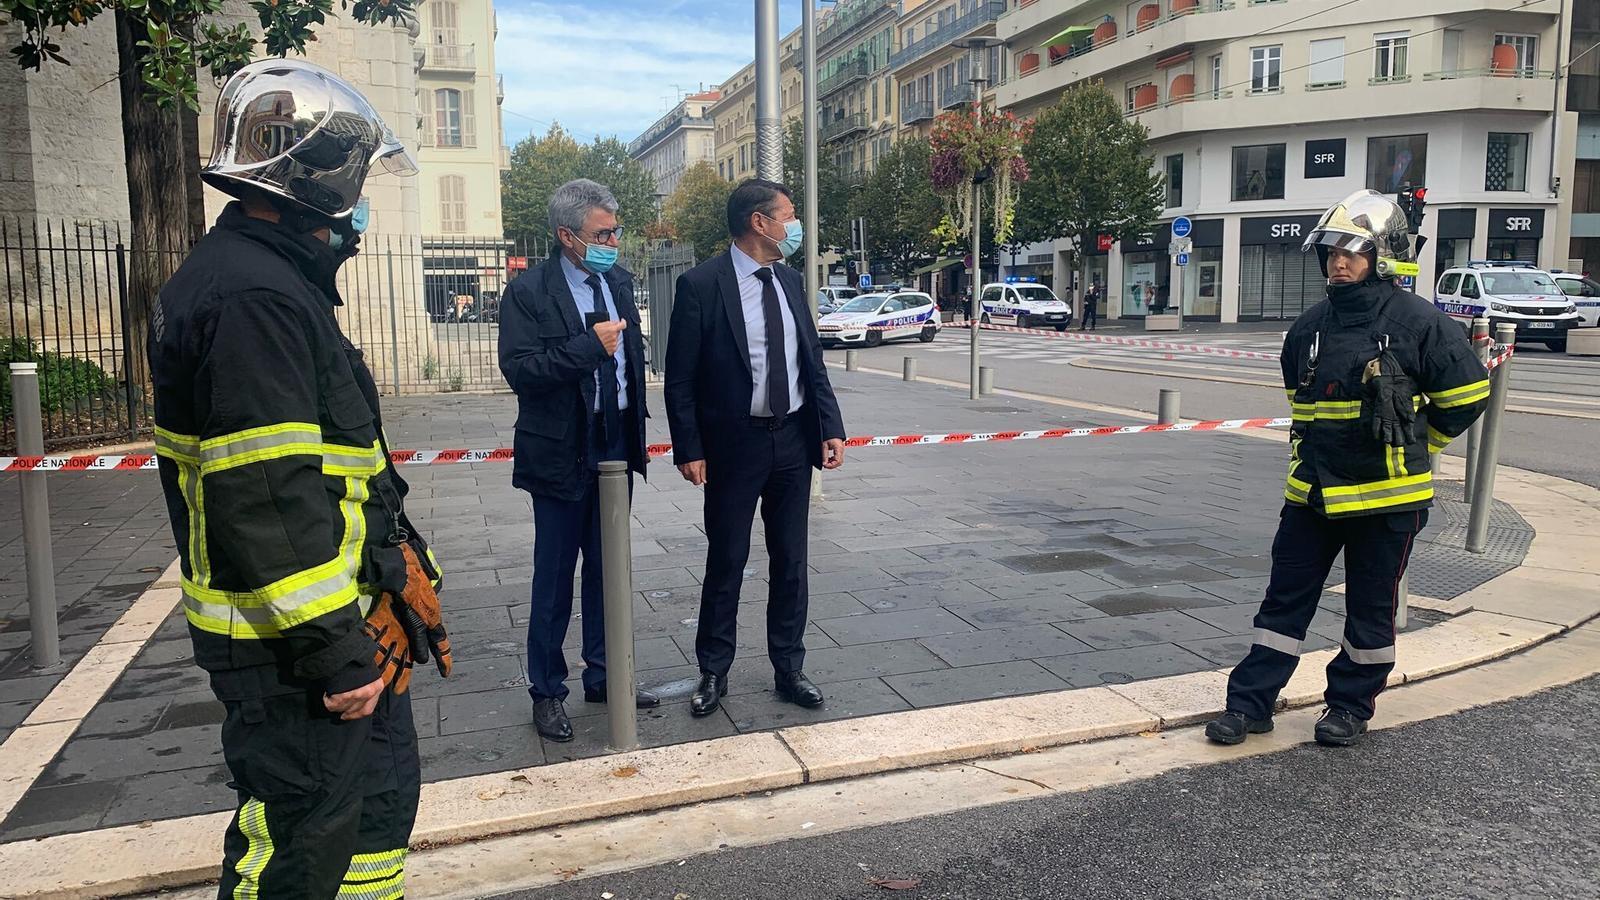 Policia municipal i nacional francesa al lloc on s'ha produït l'atac